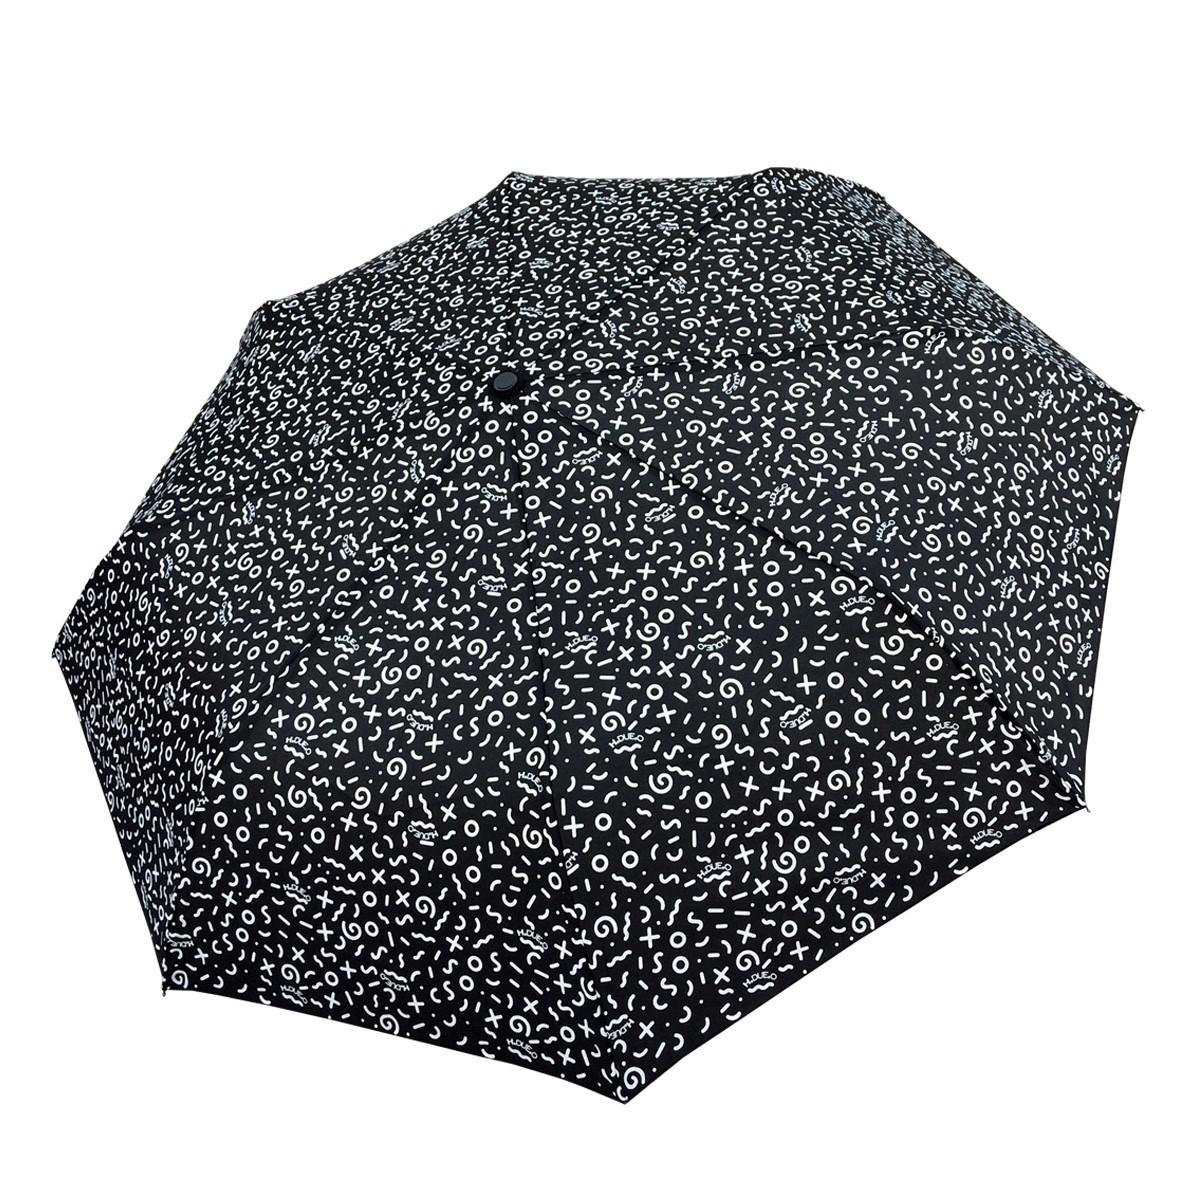 Ombrello mini H-130 (paperella) nero aperto - H.2.O